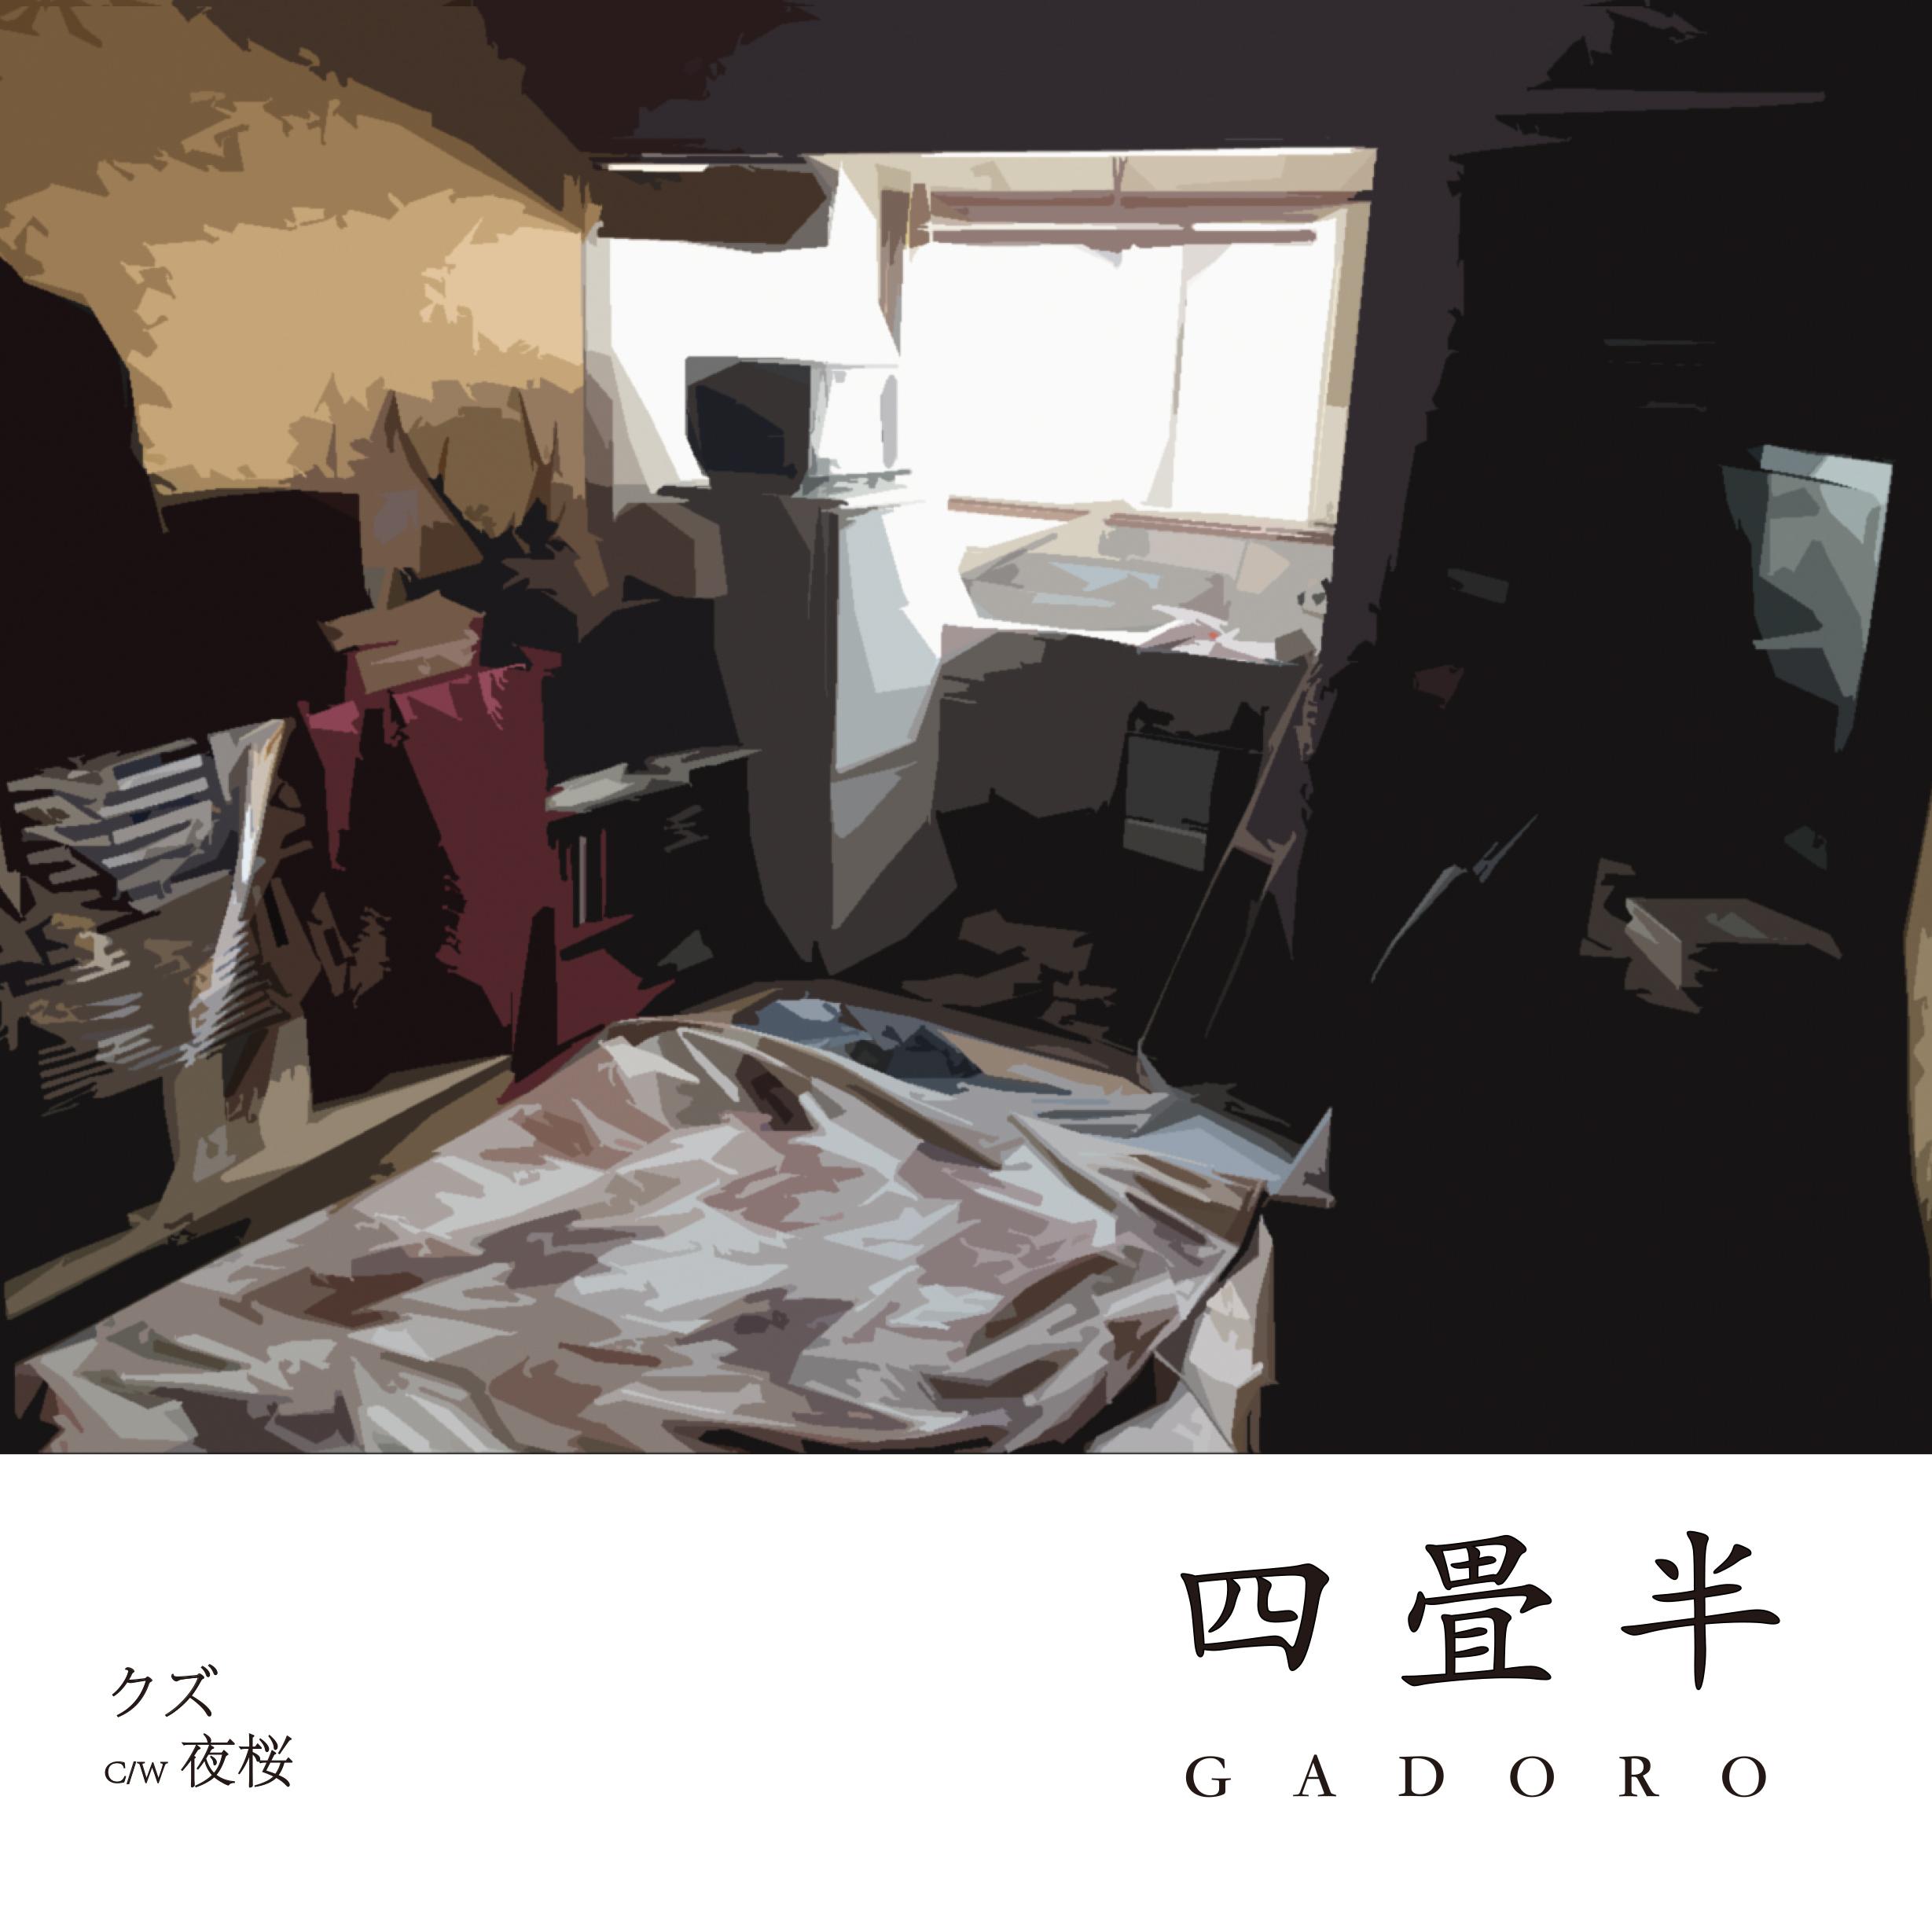 014_クズ / 夜桜 – 四畳半EP